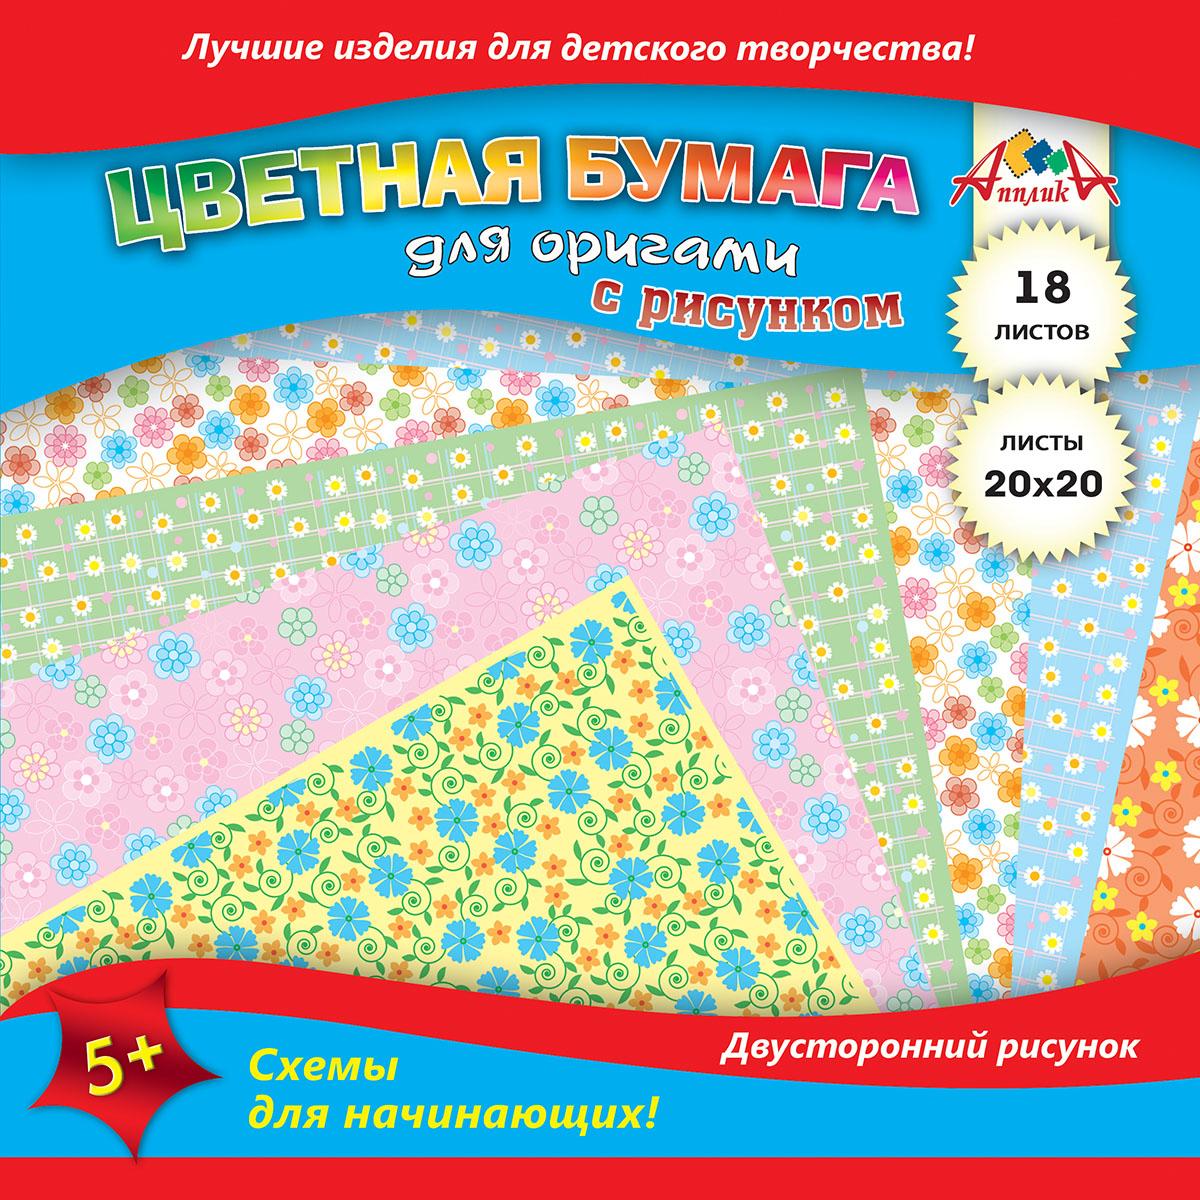 Апплика Цветная бумага для оригами Цветочки 18 листовС2243-04Цветная бумага для оригами с двусторонним рисунком, 18 листов ТМ Апплика. Листы бумаги имеют размер 20 х 20 см, это наиболее распространенный размер для техники оригами. Листы окрашены с 2-х сторон, с одной стороны цвет, с другой рисунок. Цвет/рисунок: светло-зеленый/листья, розовый/узоры, лимонный/перья, желтый/цветы, голубой/бабочки, зеленый/лепестки. В наборе представлены пошаговые инструкции для изготовления поделок в технике оригами. Набор упакован в папку из мелованного картона с 1-м клапаном.